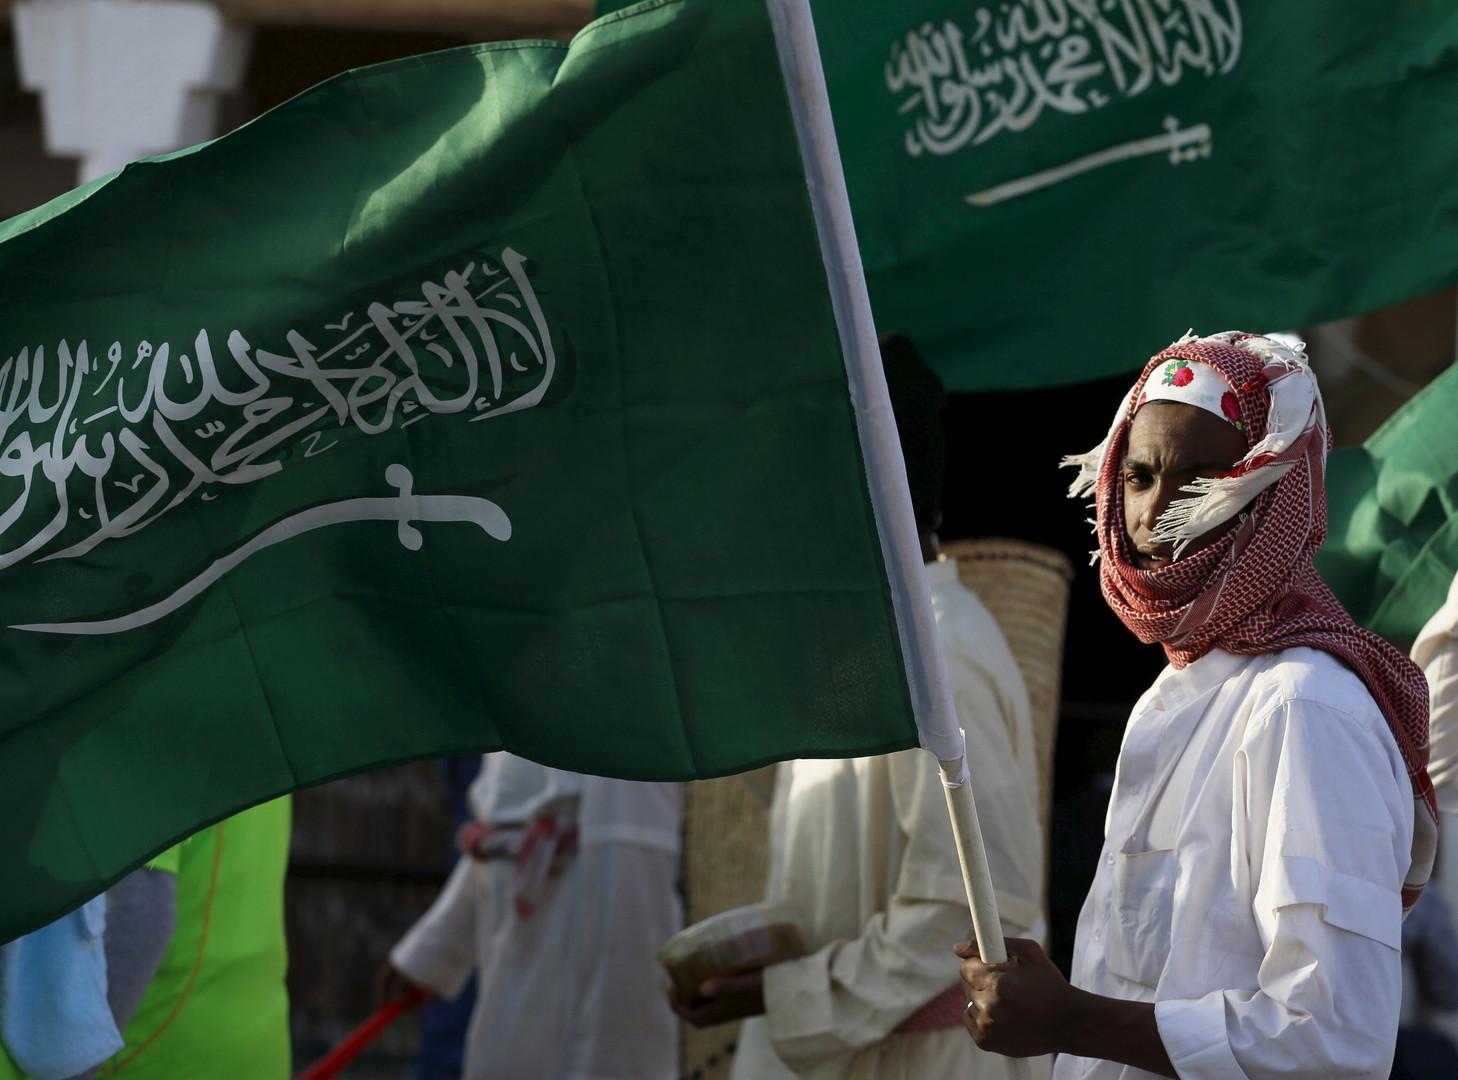 السعودية: إسرائيل وإيران تثيران الفتن ولا ثارات تاريخية بين الفلسطينيين واليهود